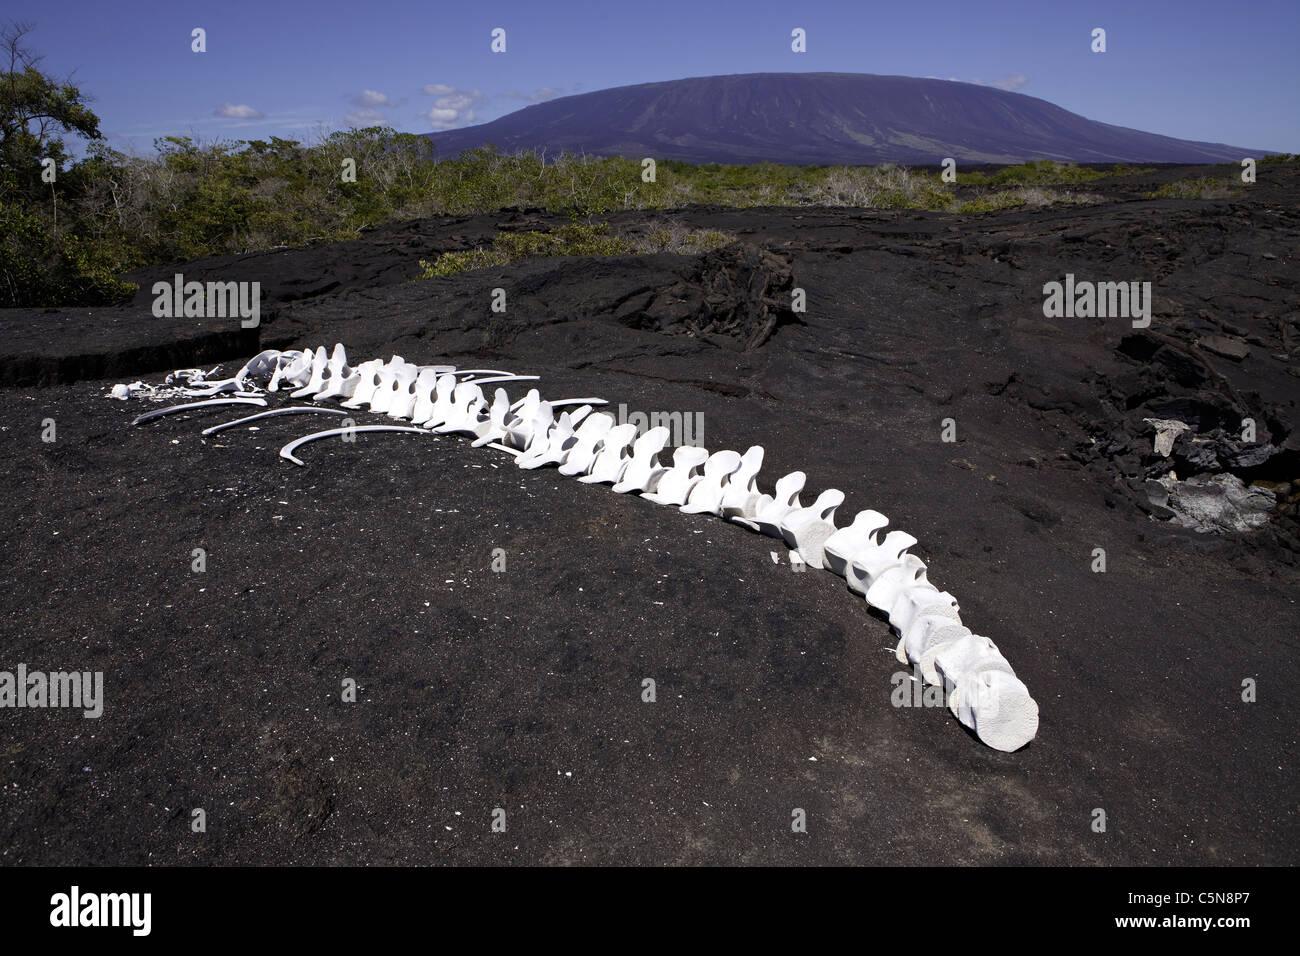 Scheletro di balena, Fernandina Island, Galapagos, Ecuador Immagini Stock